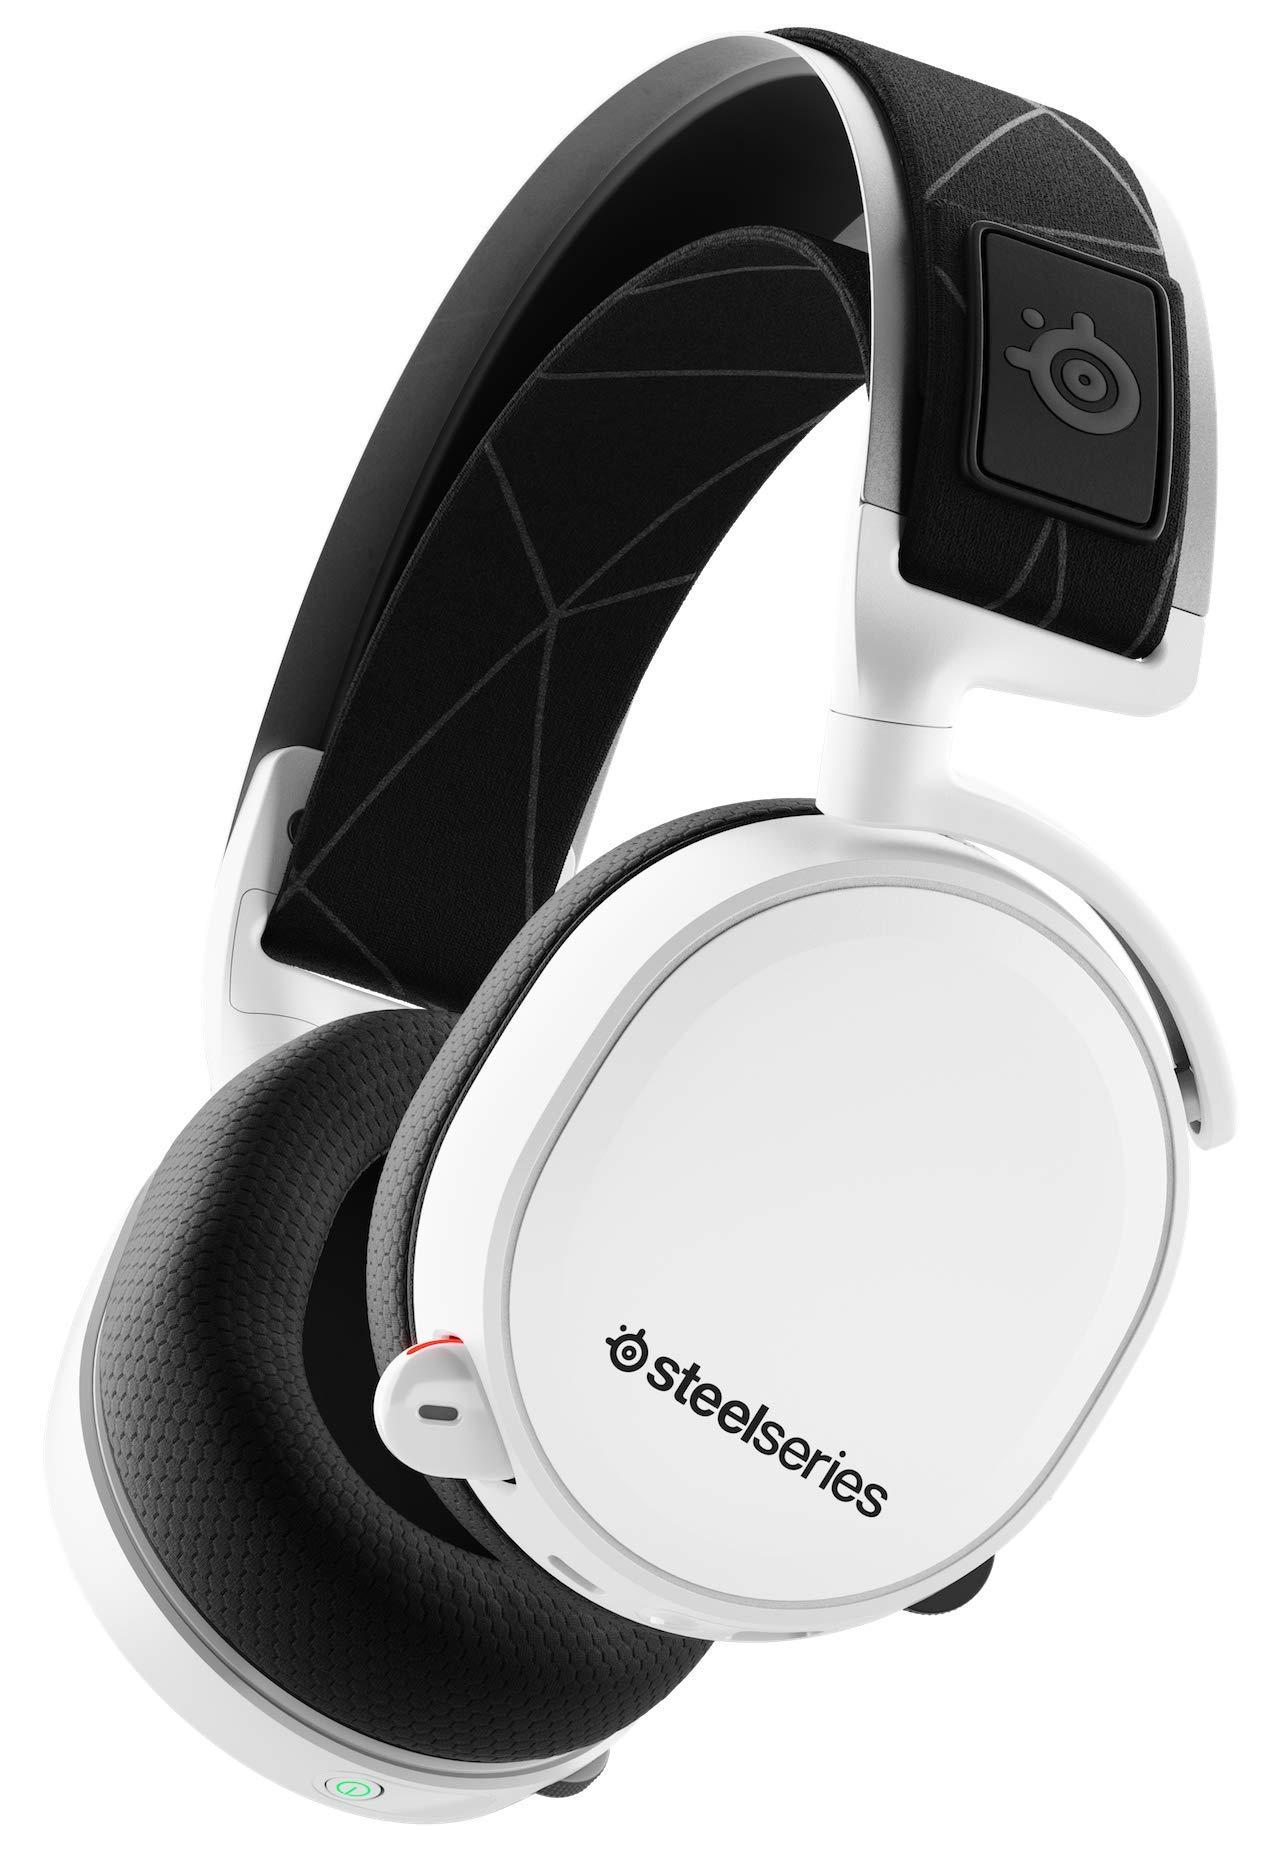 Steelseries Arctis 7 Auriculares De Juego, Inalámbricos Sin Pérdidas, Dts Headphone:X V2.0 Surround Para Pc Y PlayStation 4, Blanco: Steelseries: Amazon.es: Electrónica